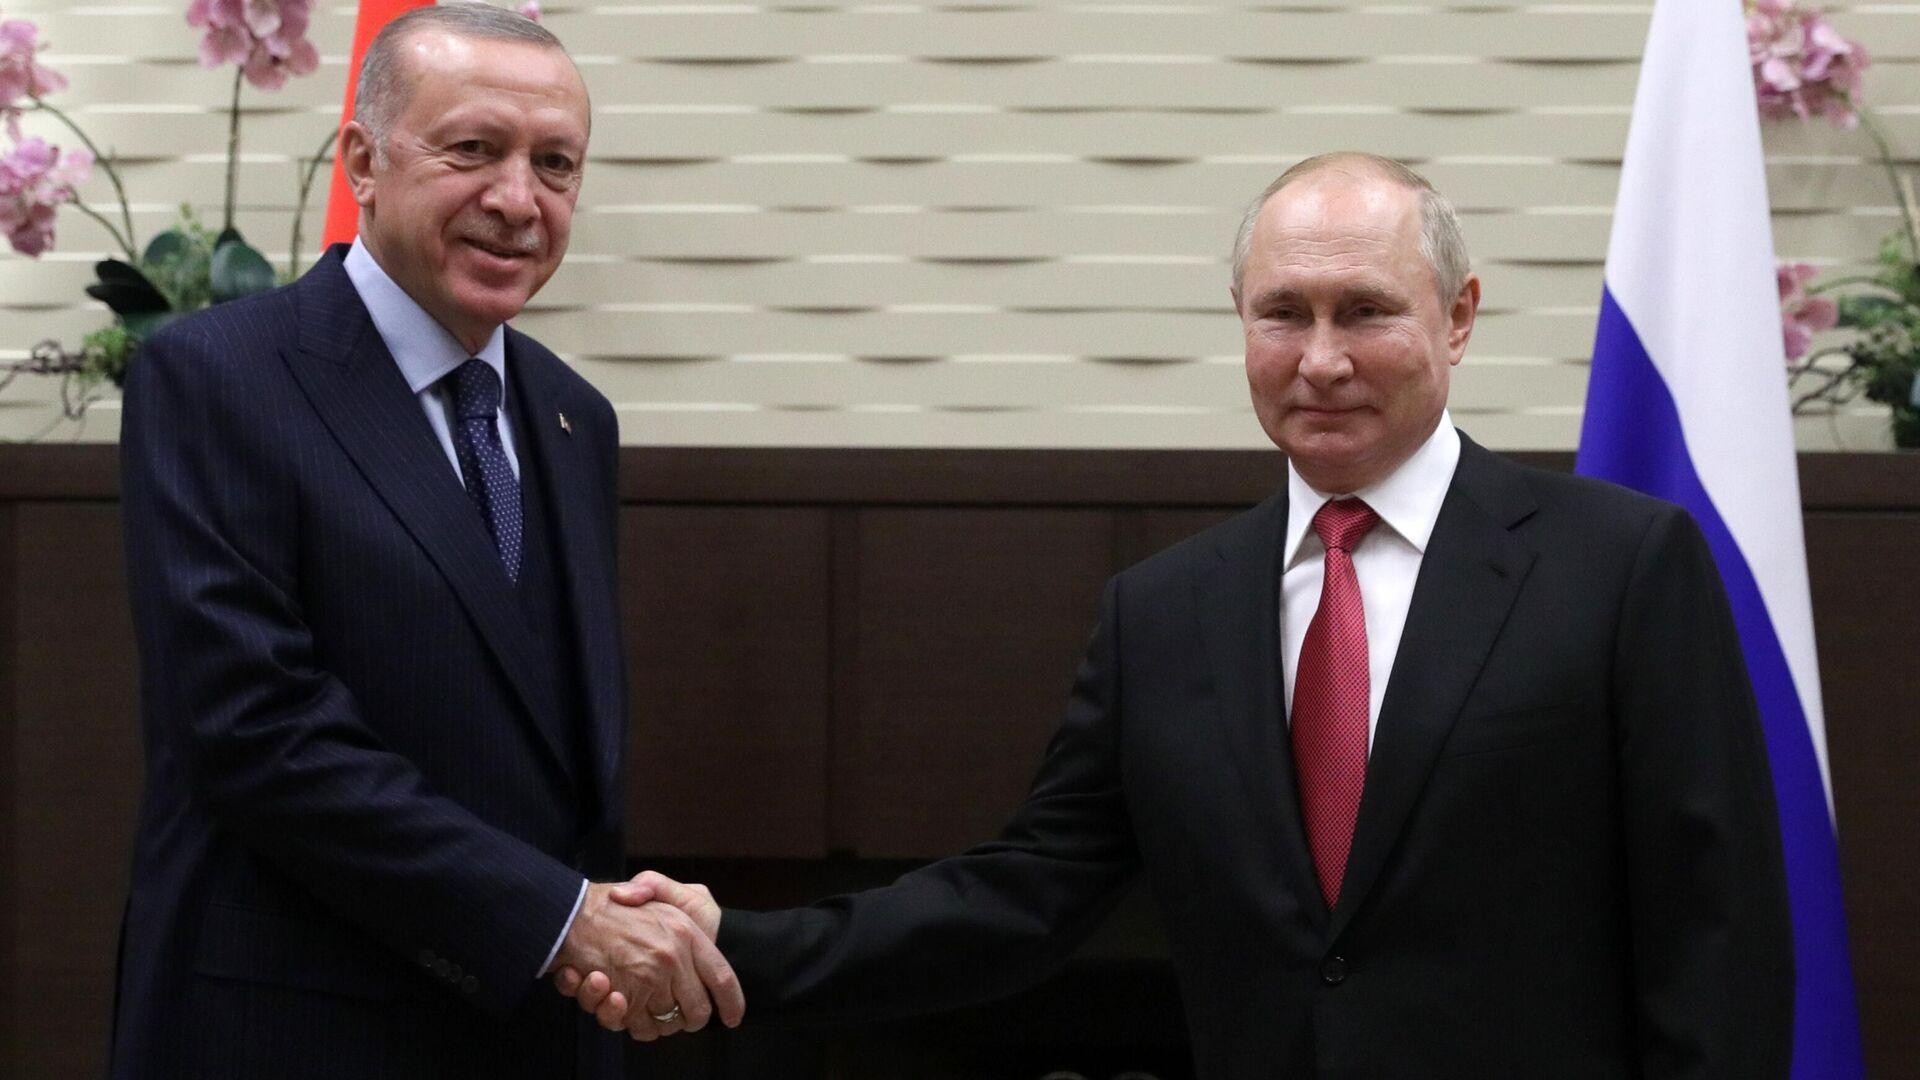 Президент РФ В. Путин провел переговоры с президентом Турции Р. Эрдоганом - Sputnik Грузия, 1920, 30.09.2021